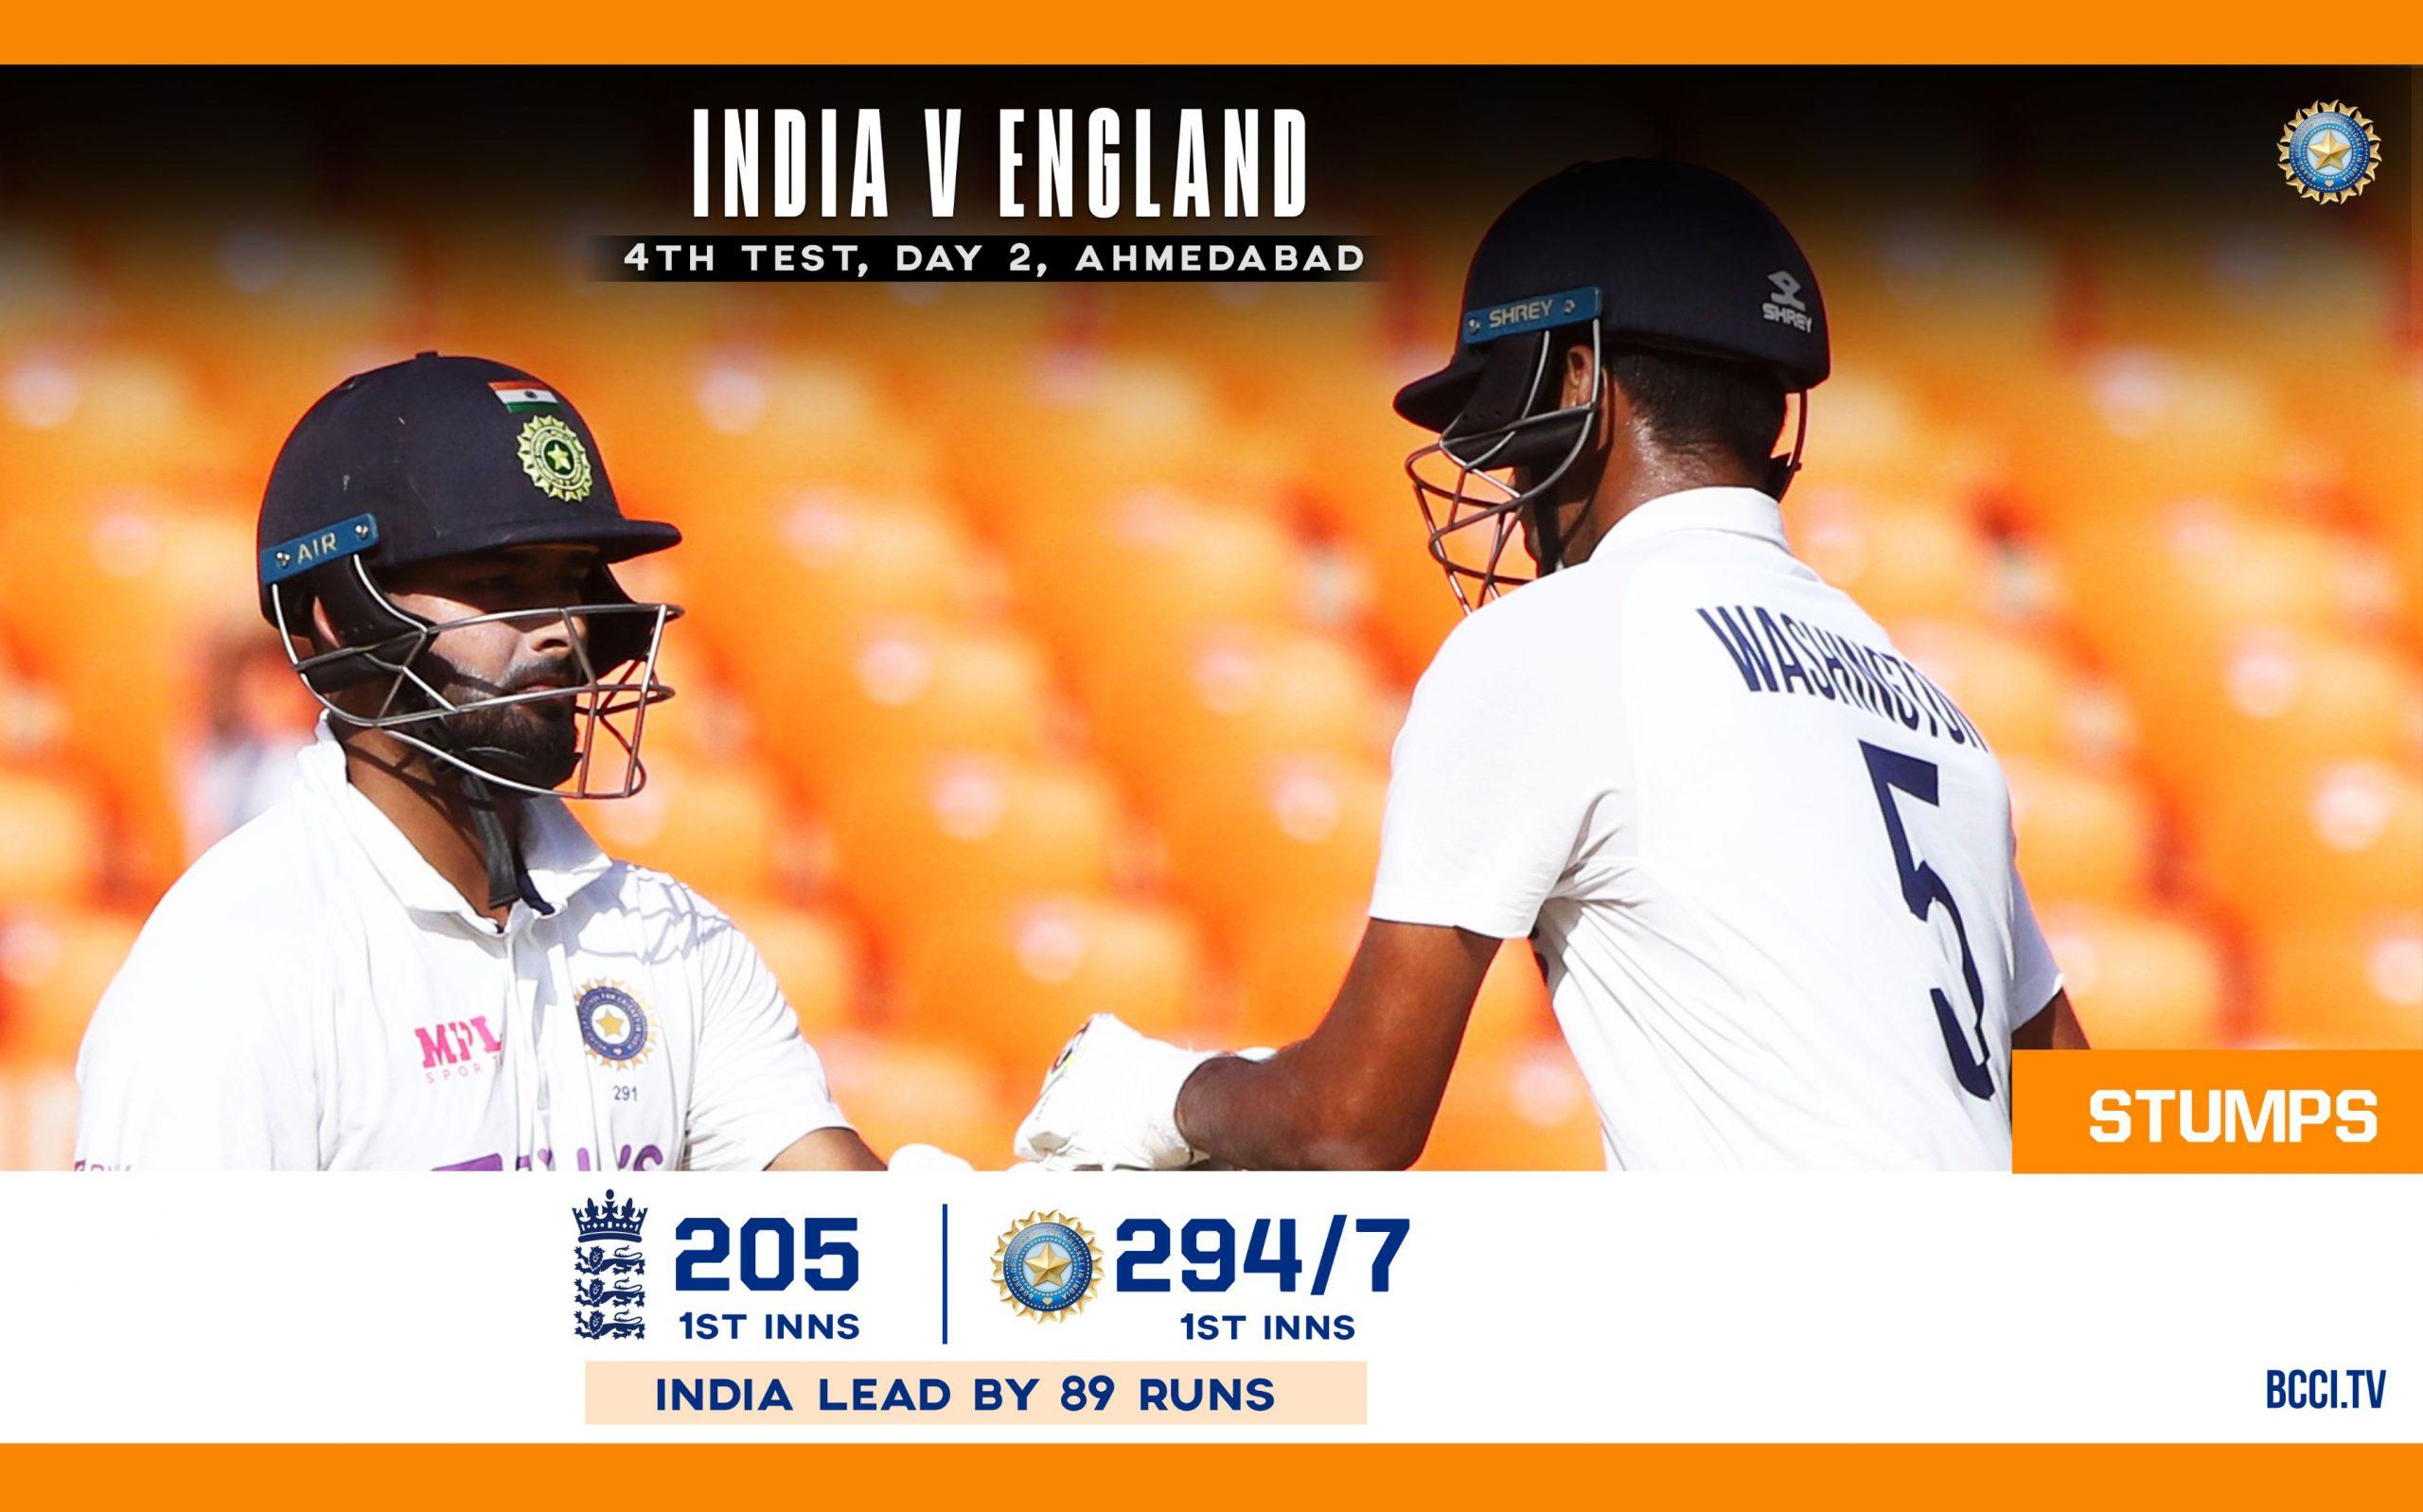 🏏 ভারত বমাম ইংল্যান্ড টেস্ট : সিরিজের চতুর্থ টেস্টের দ্বিতীয় দিনের আপডেট